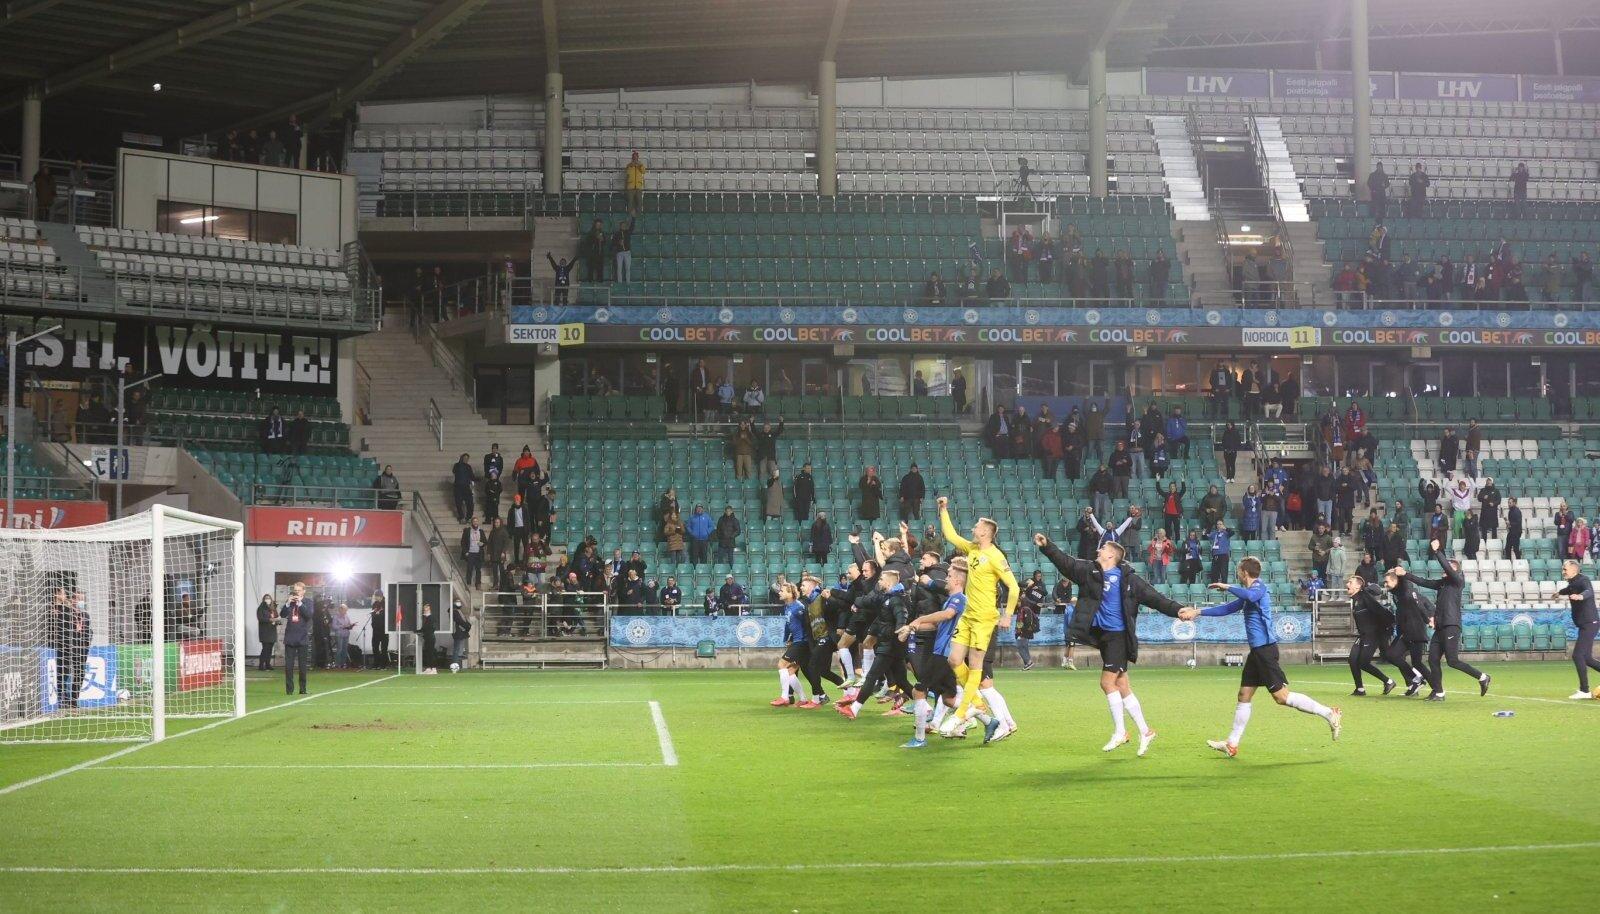 Eesti jalgpallikoondis enne riietusruumi naasmist oma fännide eest võidutantsu.